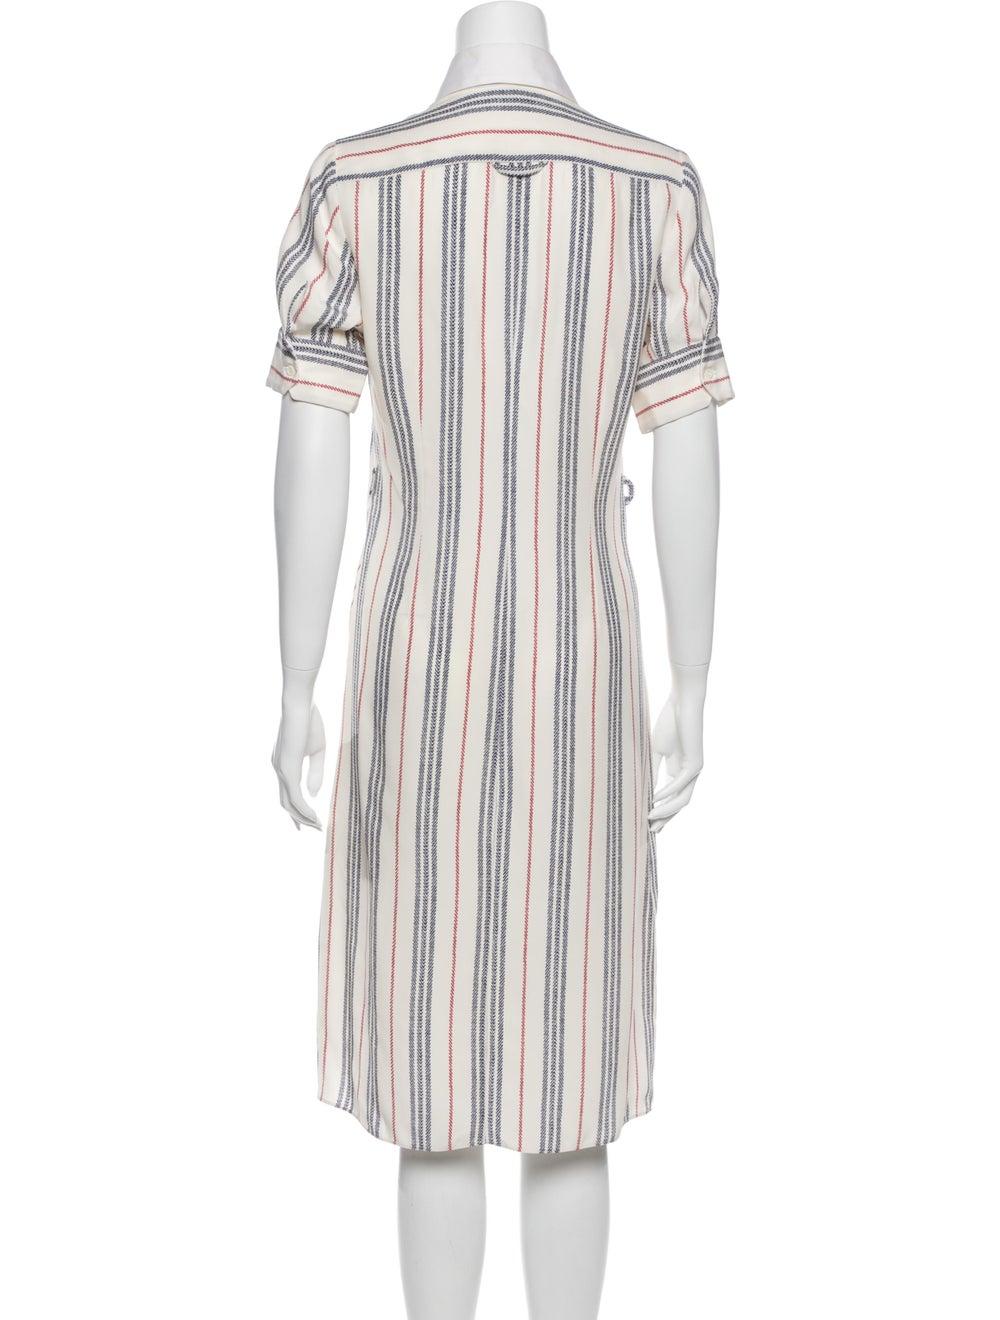 Altuzarra Silk Midi Length Dress - image 3